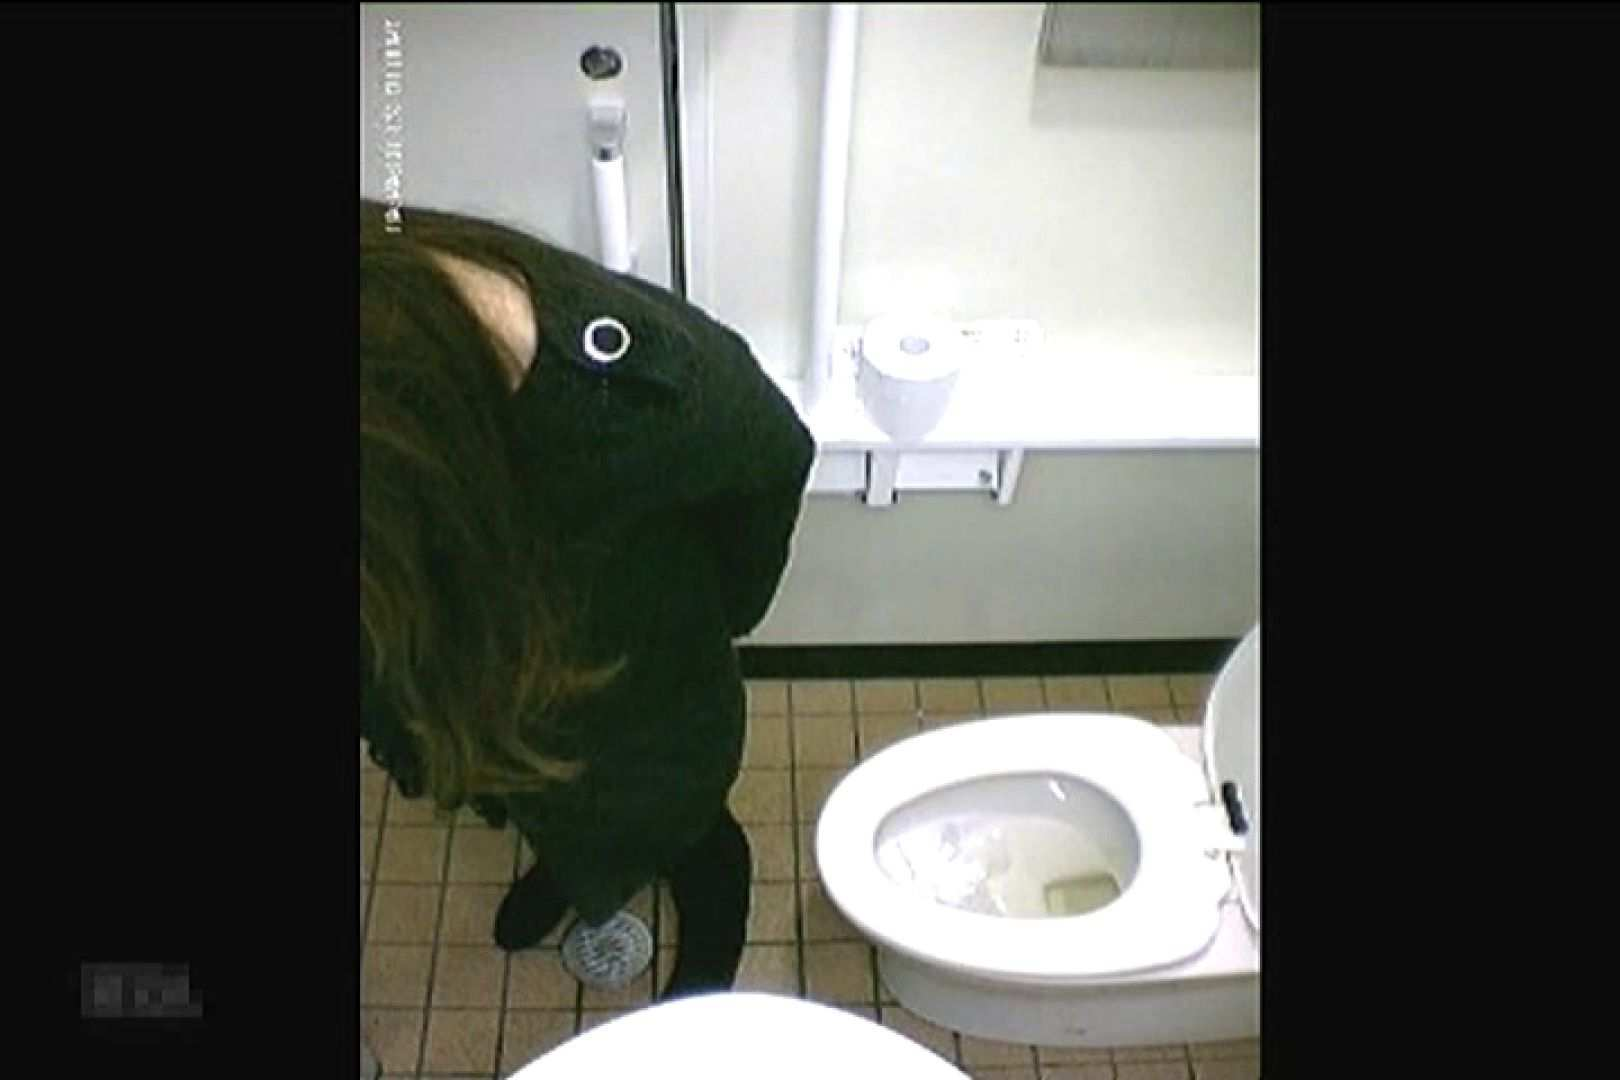 洋式洗面所オムニバスvol.6 おまんこ無修正 | OLの実態  97pic 25